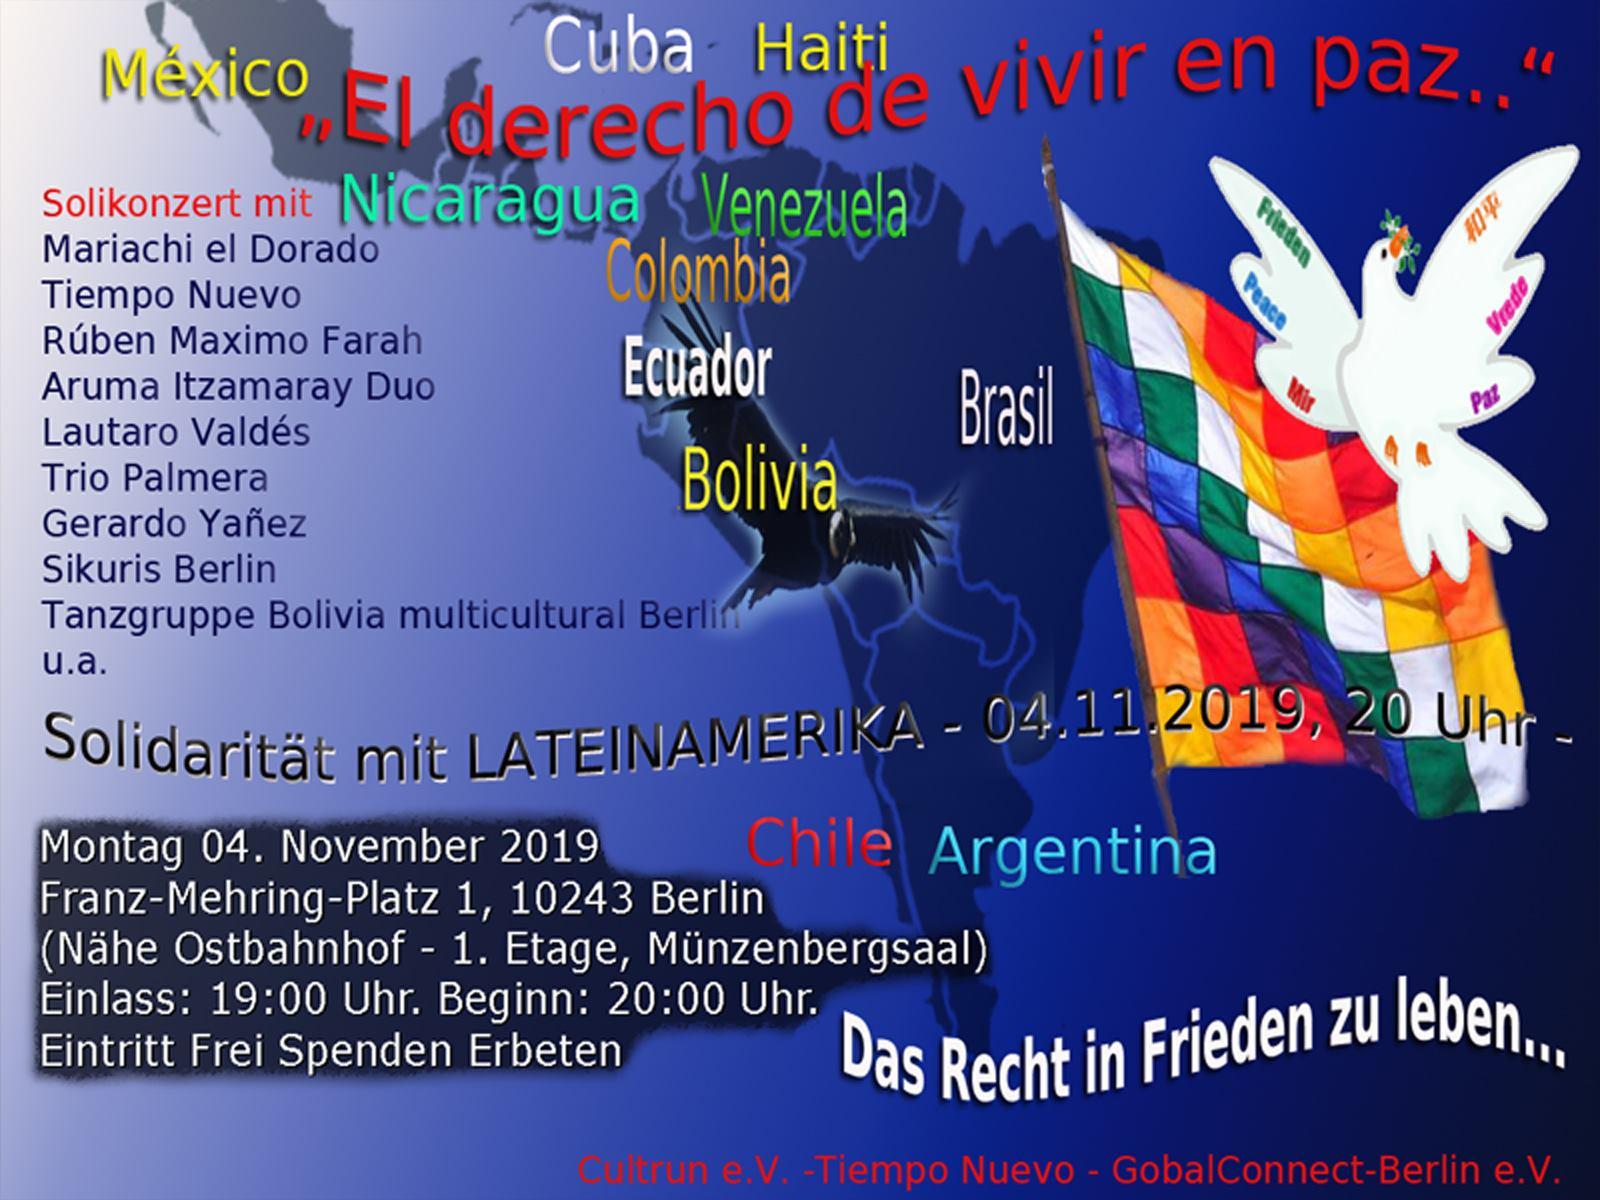 Solidarität mit Lateinamerika